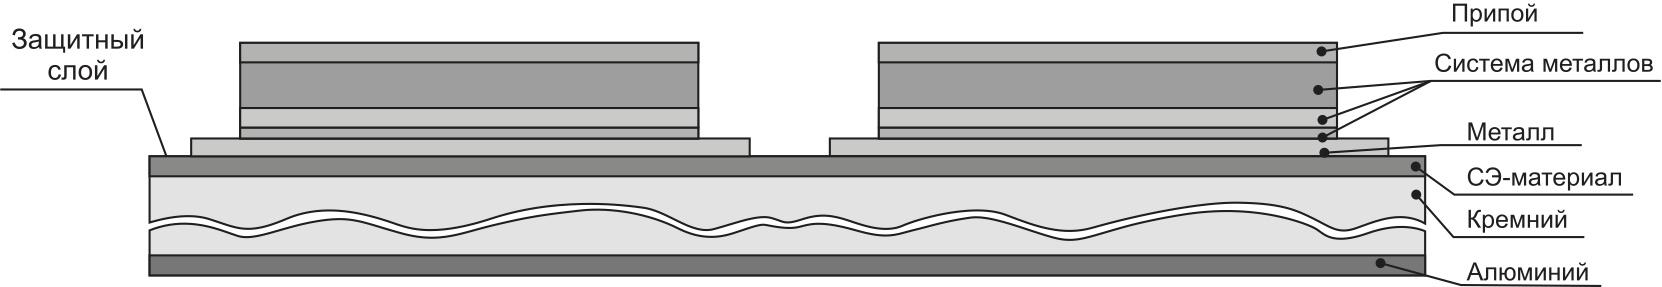 Тонкопленочный МДП-вариконд для поверхностного монтажа